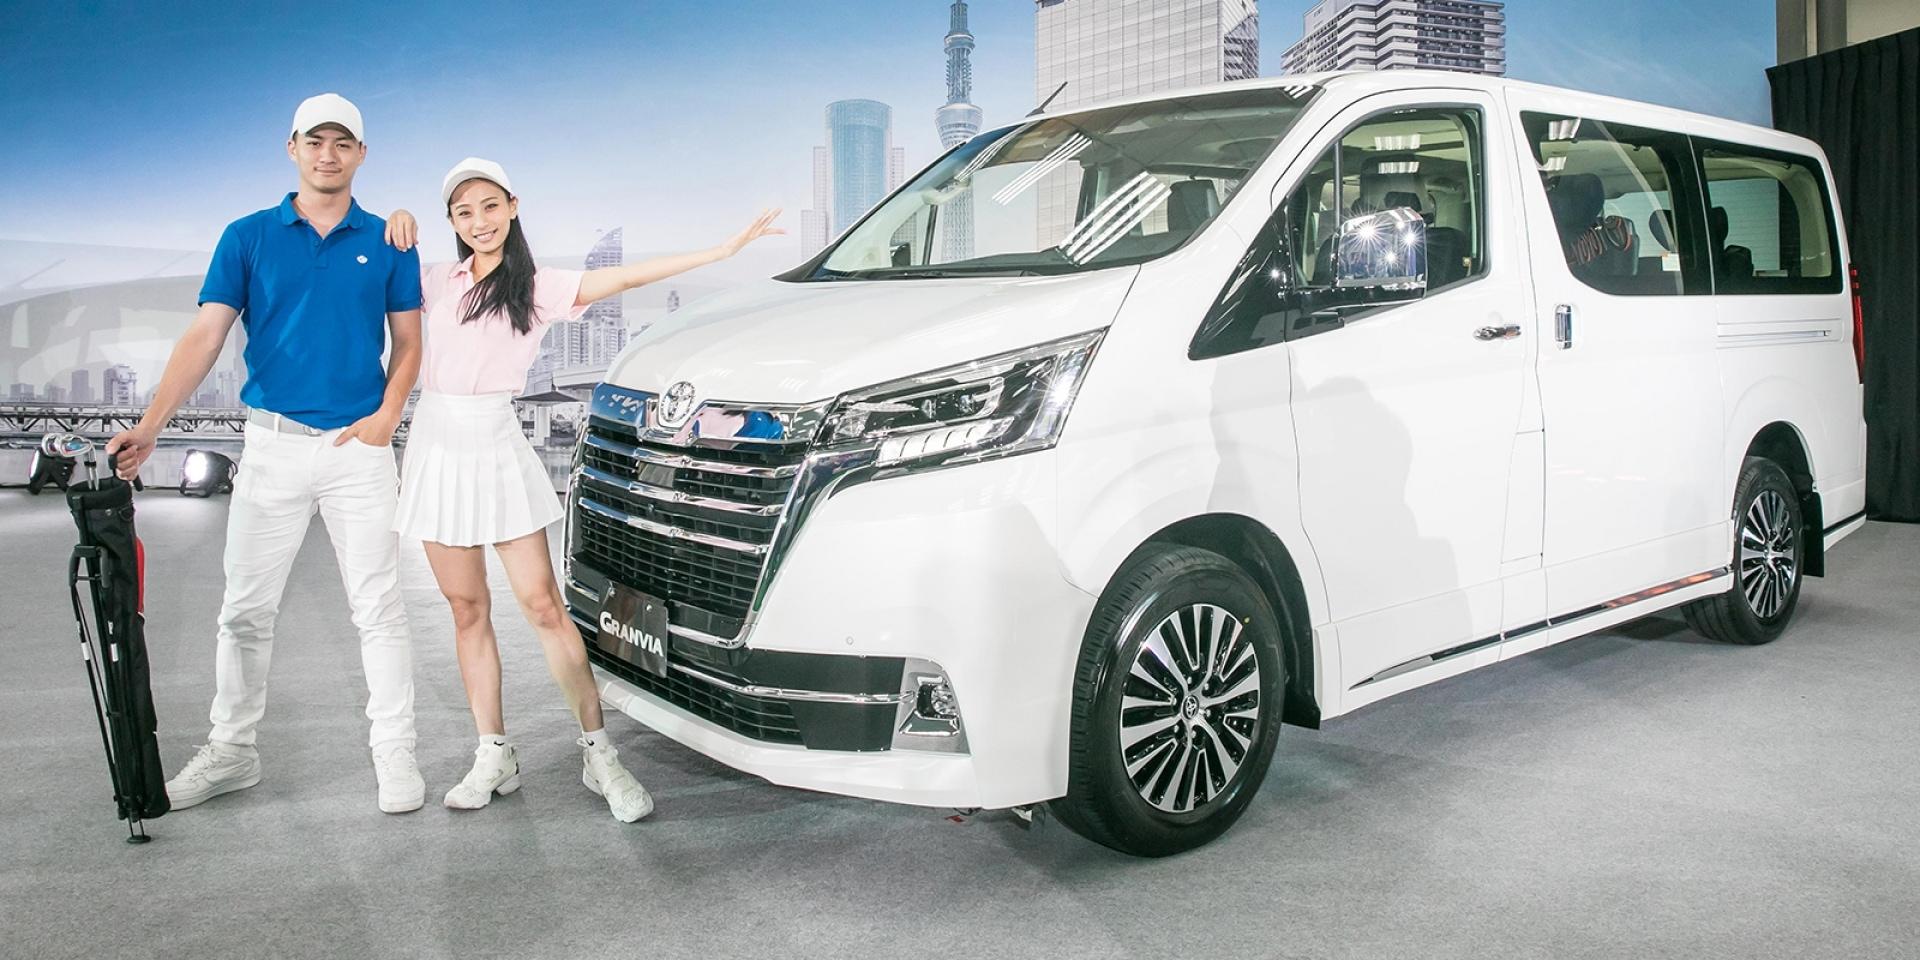 官方新聞稿。豐田全球首發GRANVIA 新世代豪華商旅車 隆重登場